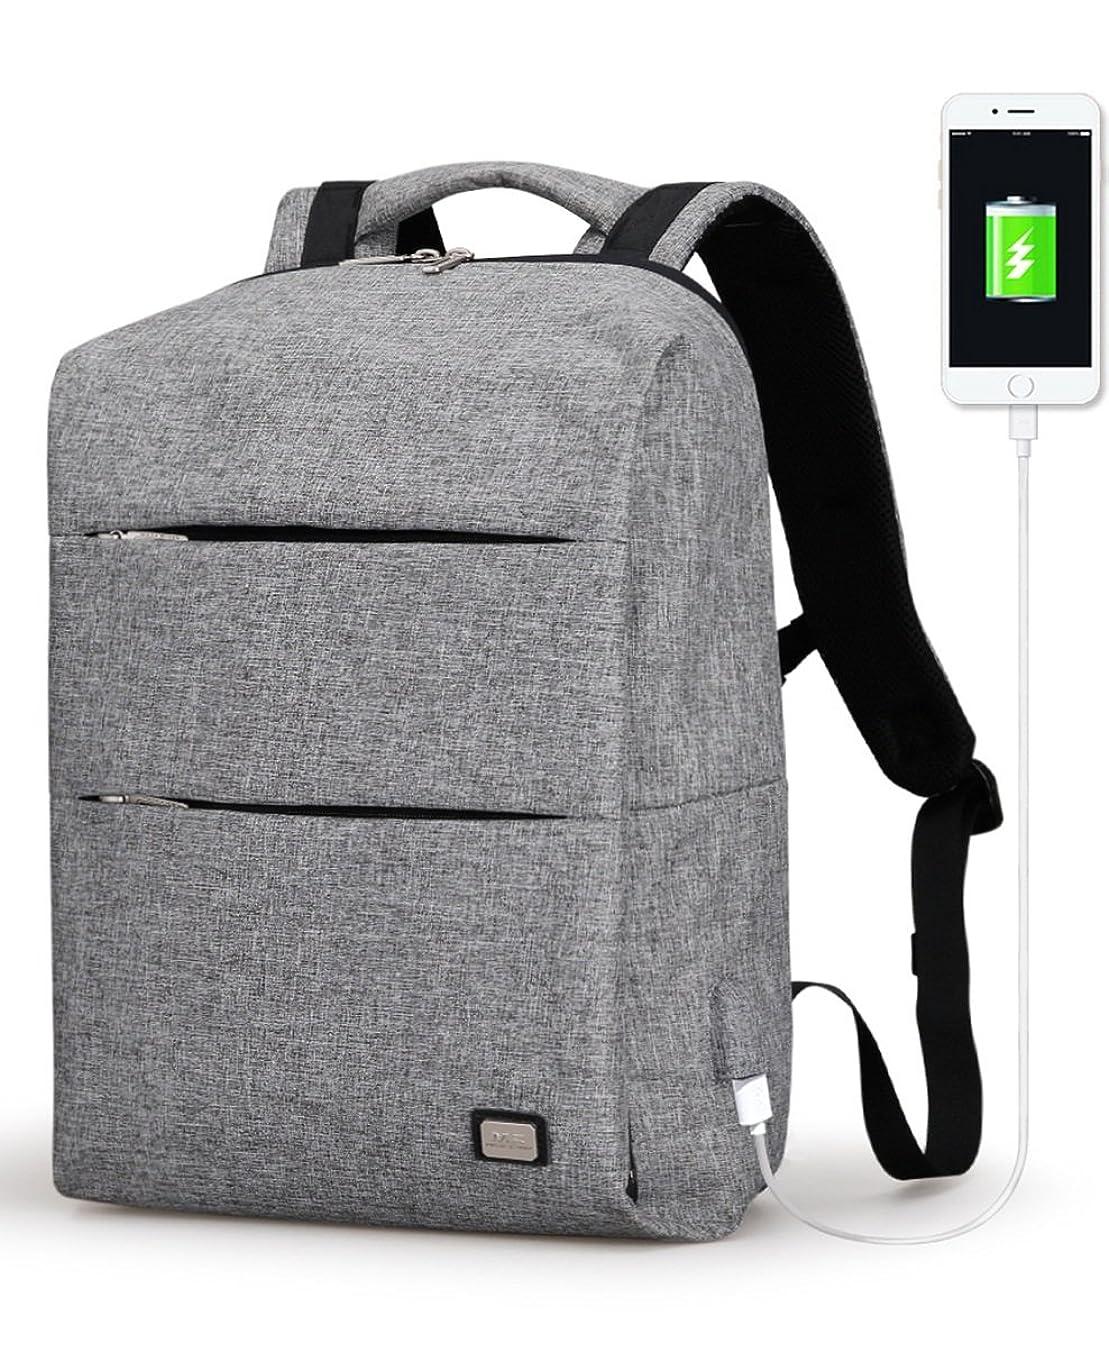 トランクと組む果てしないバックパック ラップトップバックパック 耐衝撃 パソコン 旅行 ビジネスリュック 大容量 多機能 リュックサック 通勤 通学 サイトポケット付き